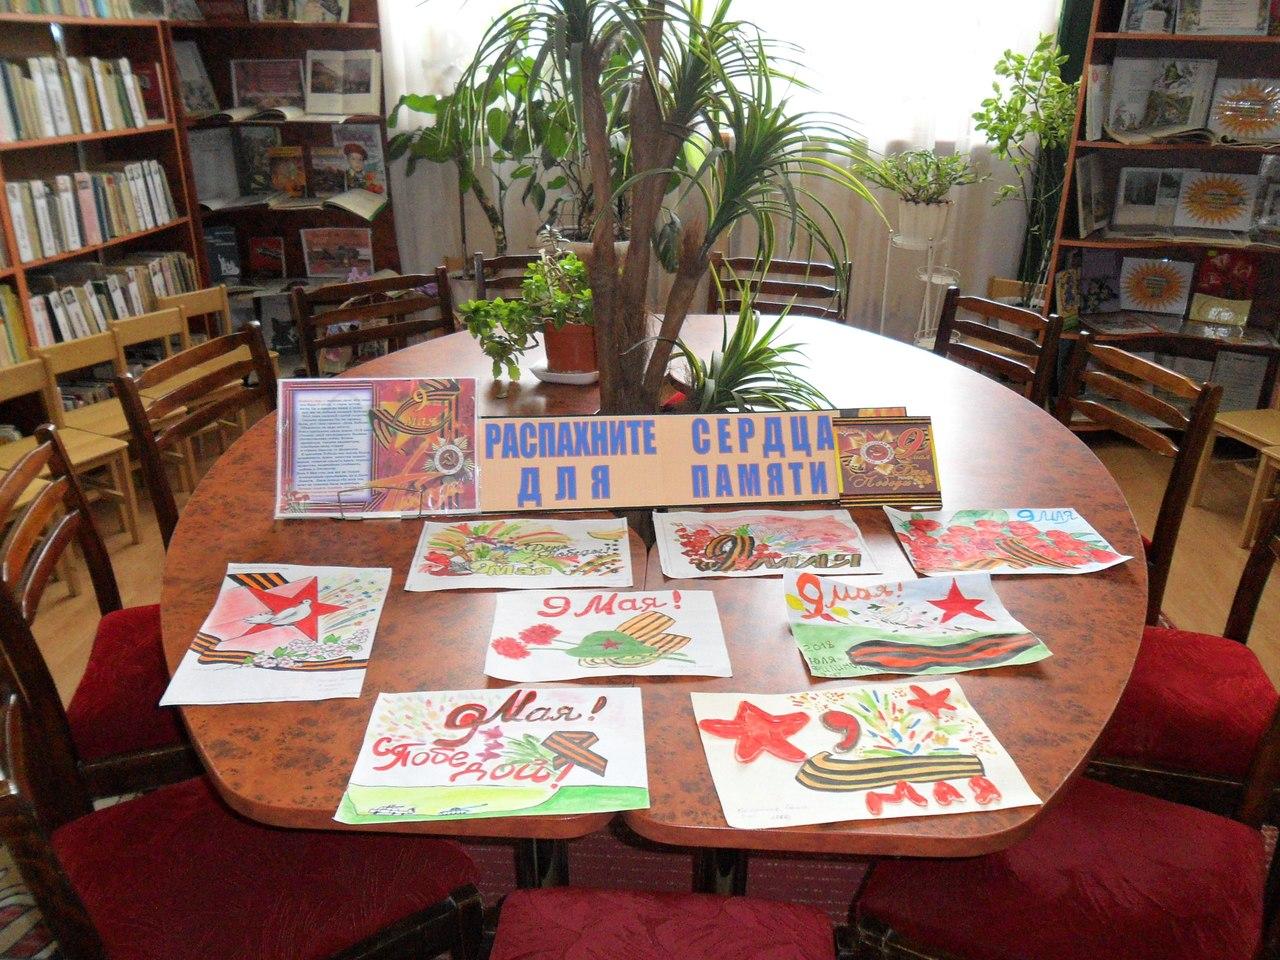 день победы, донецкая республиканская библиотека для детей, отдел искусств, патриотическое воспитание детей, выставка работ детей